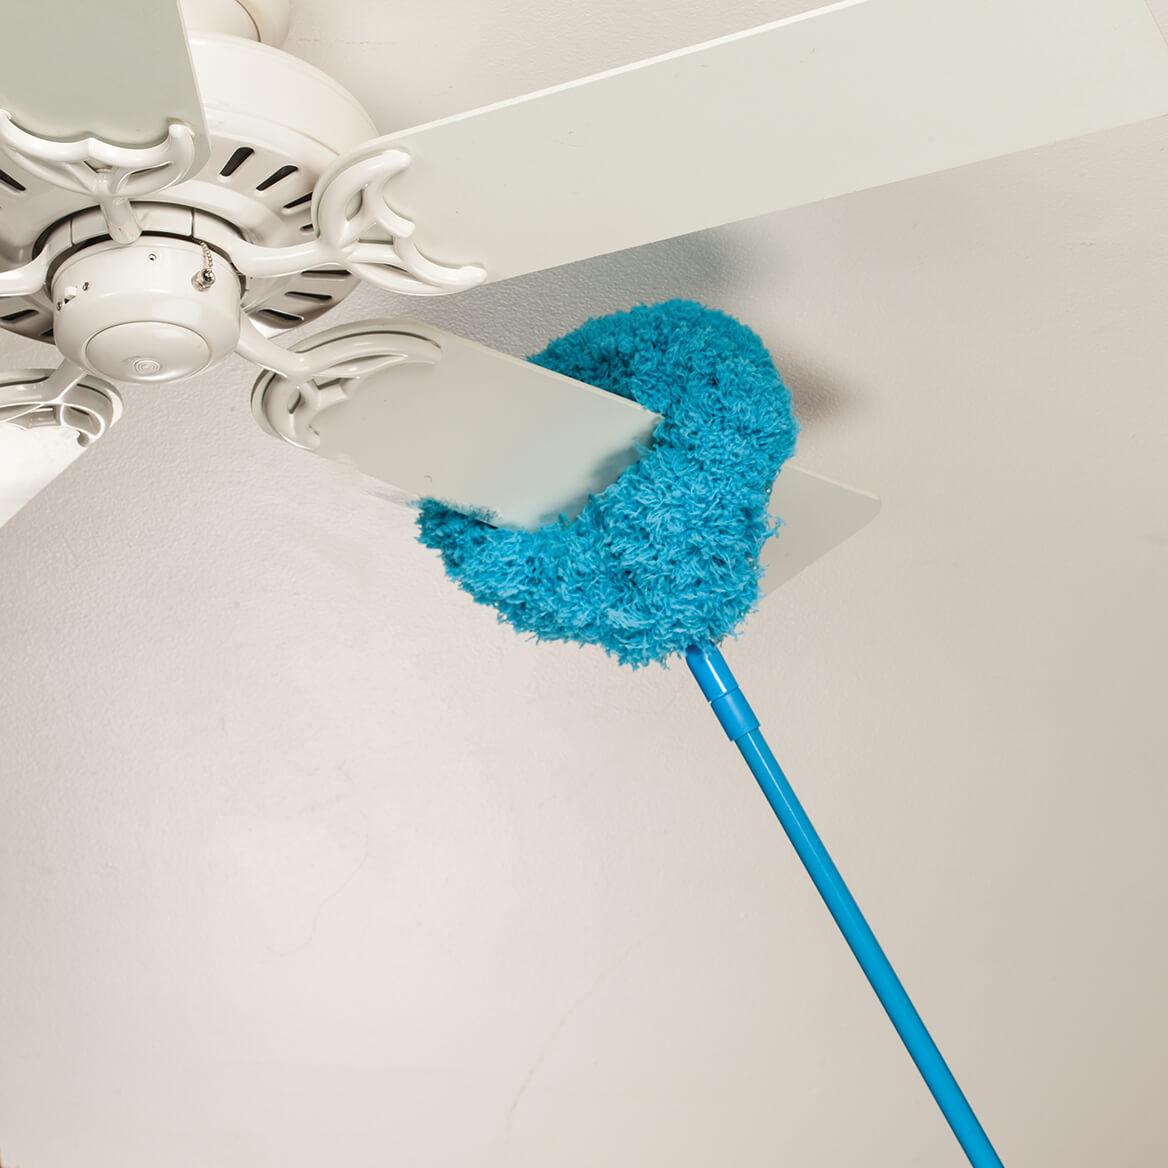 Telescoping Ceiling Fan Duster by LivingSURE™-366065